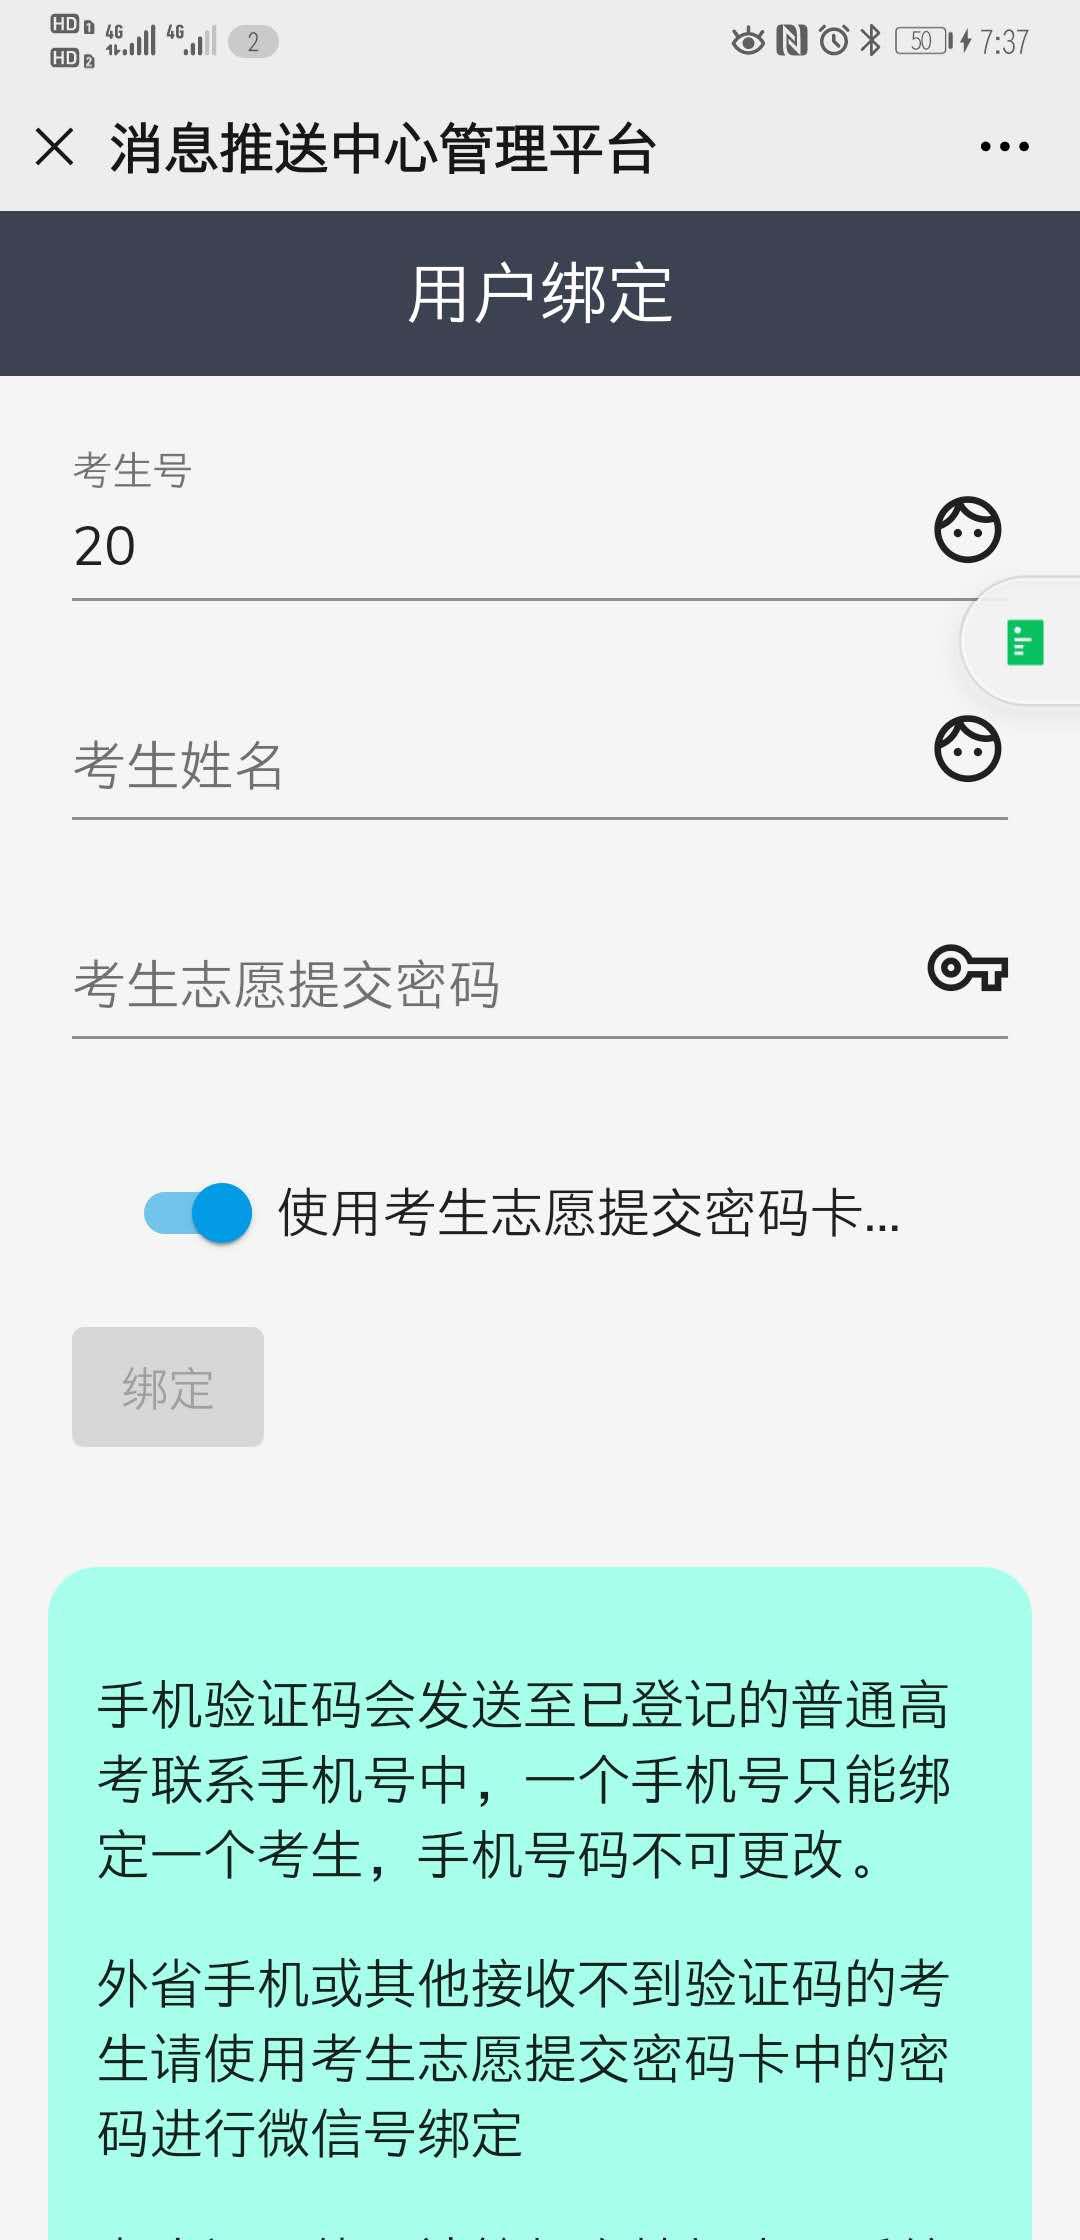 2020年贵州高考录取结果查询入口已开通 点击进入